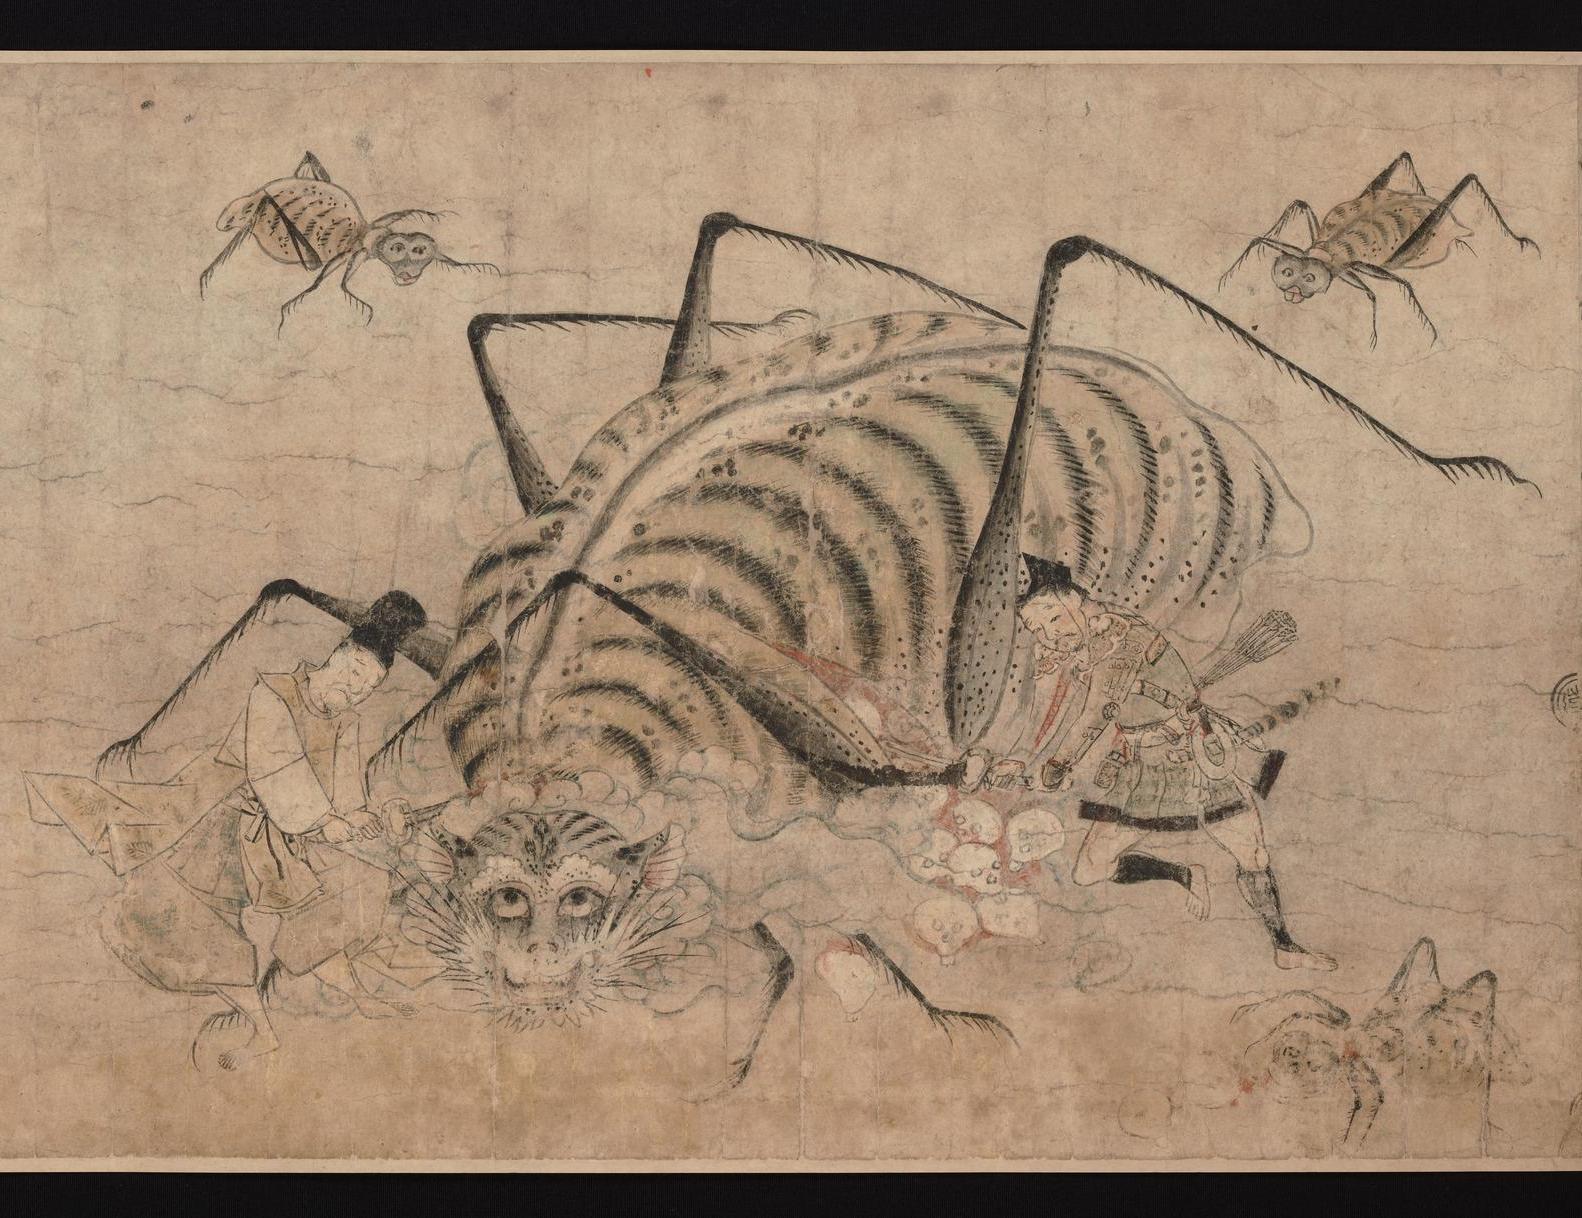 Yorimitsu killing Tsuchigumo